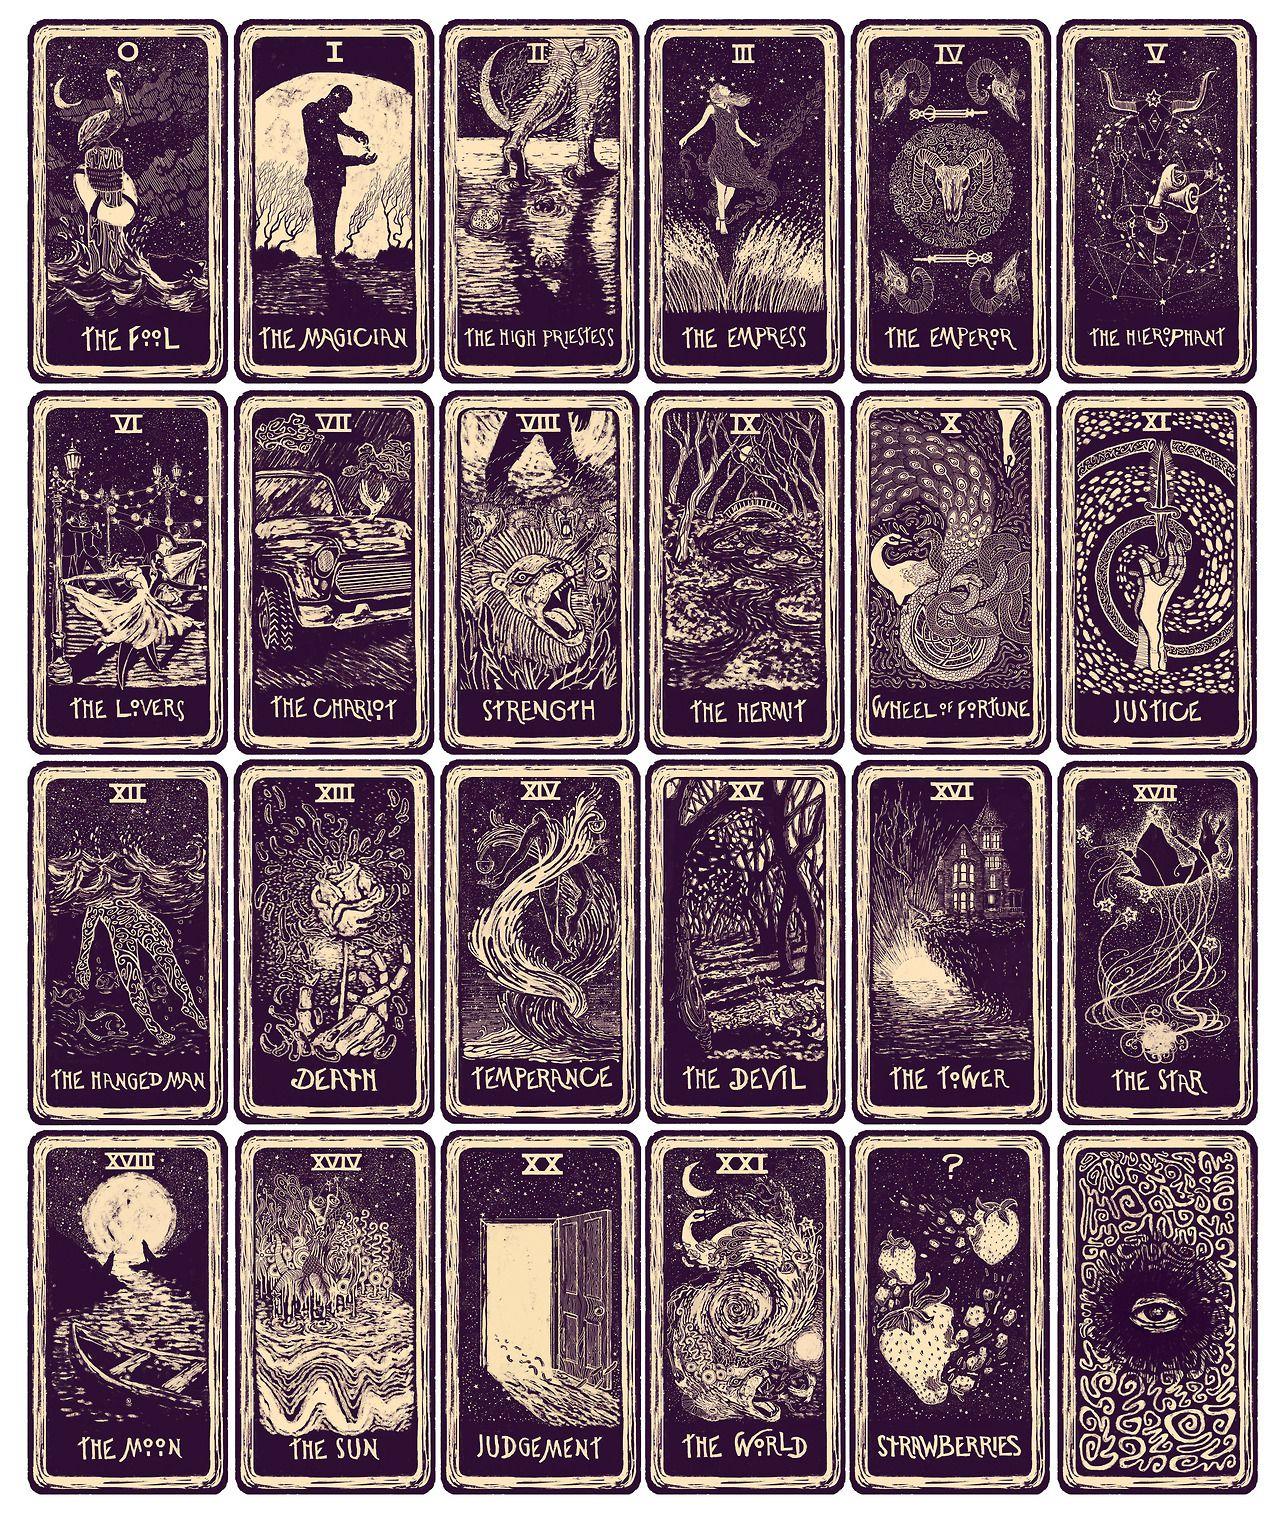 les cartes de tarots j 39 aimerais bien en trouver de semblables celles d 39 elie subliminale. Black Bedroom Furniture Sets. Home Design Ideas